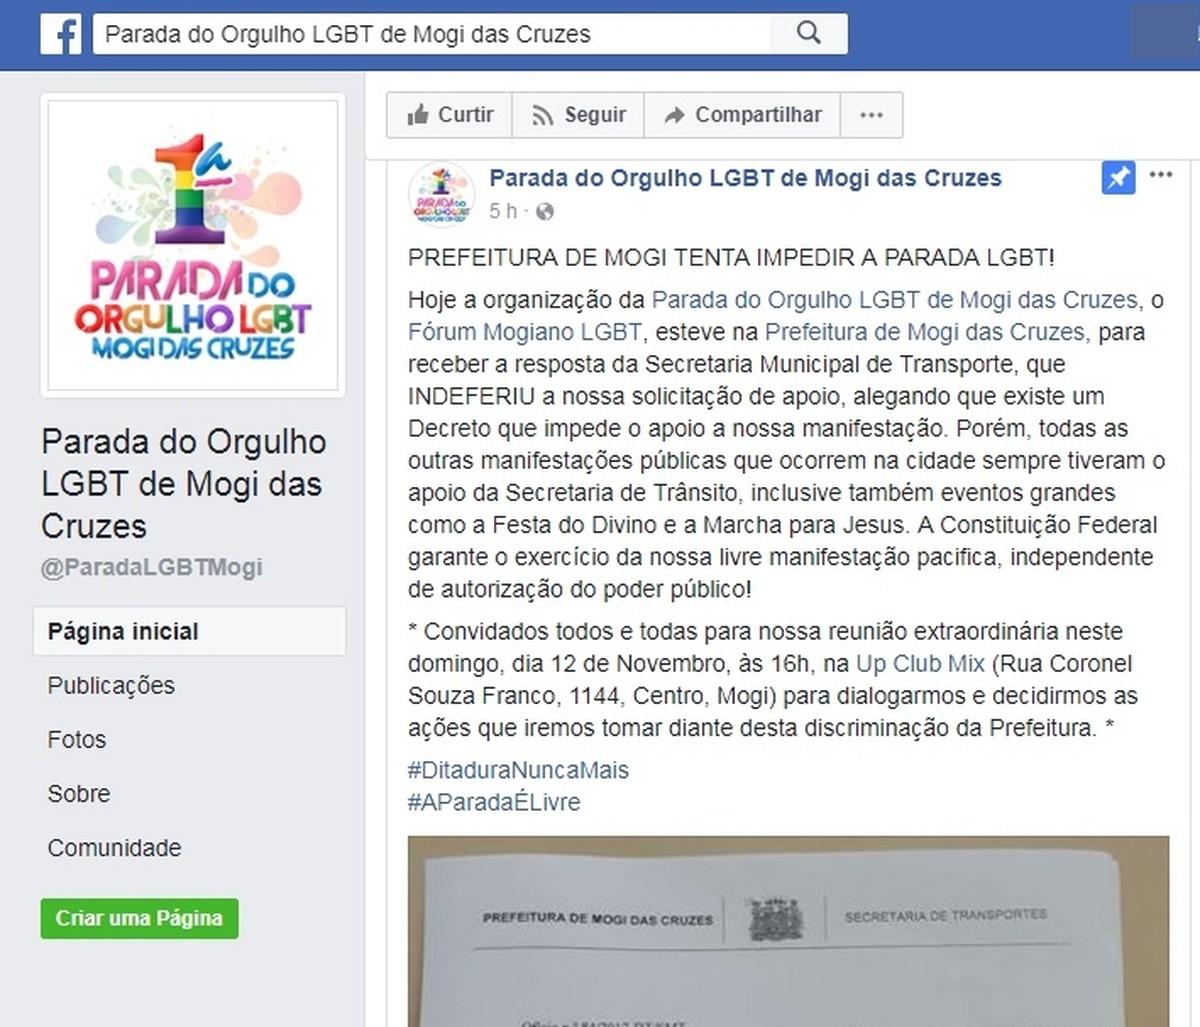 Por causa de data, autorização para Parada Gay em Mogi é negada; Fórum LGBT acusa Prefeitura de discriminação